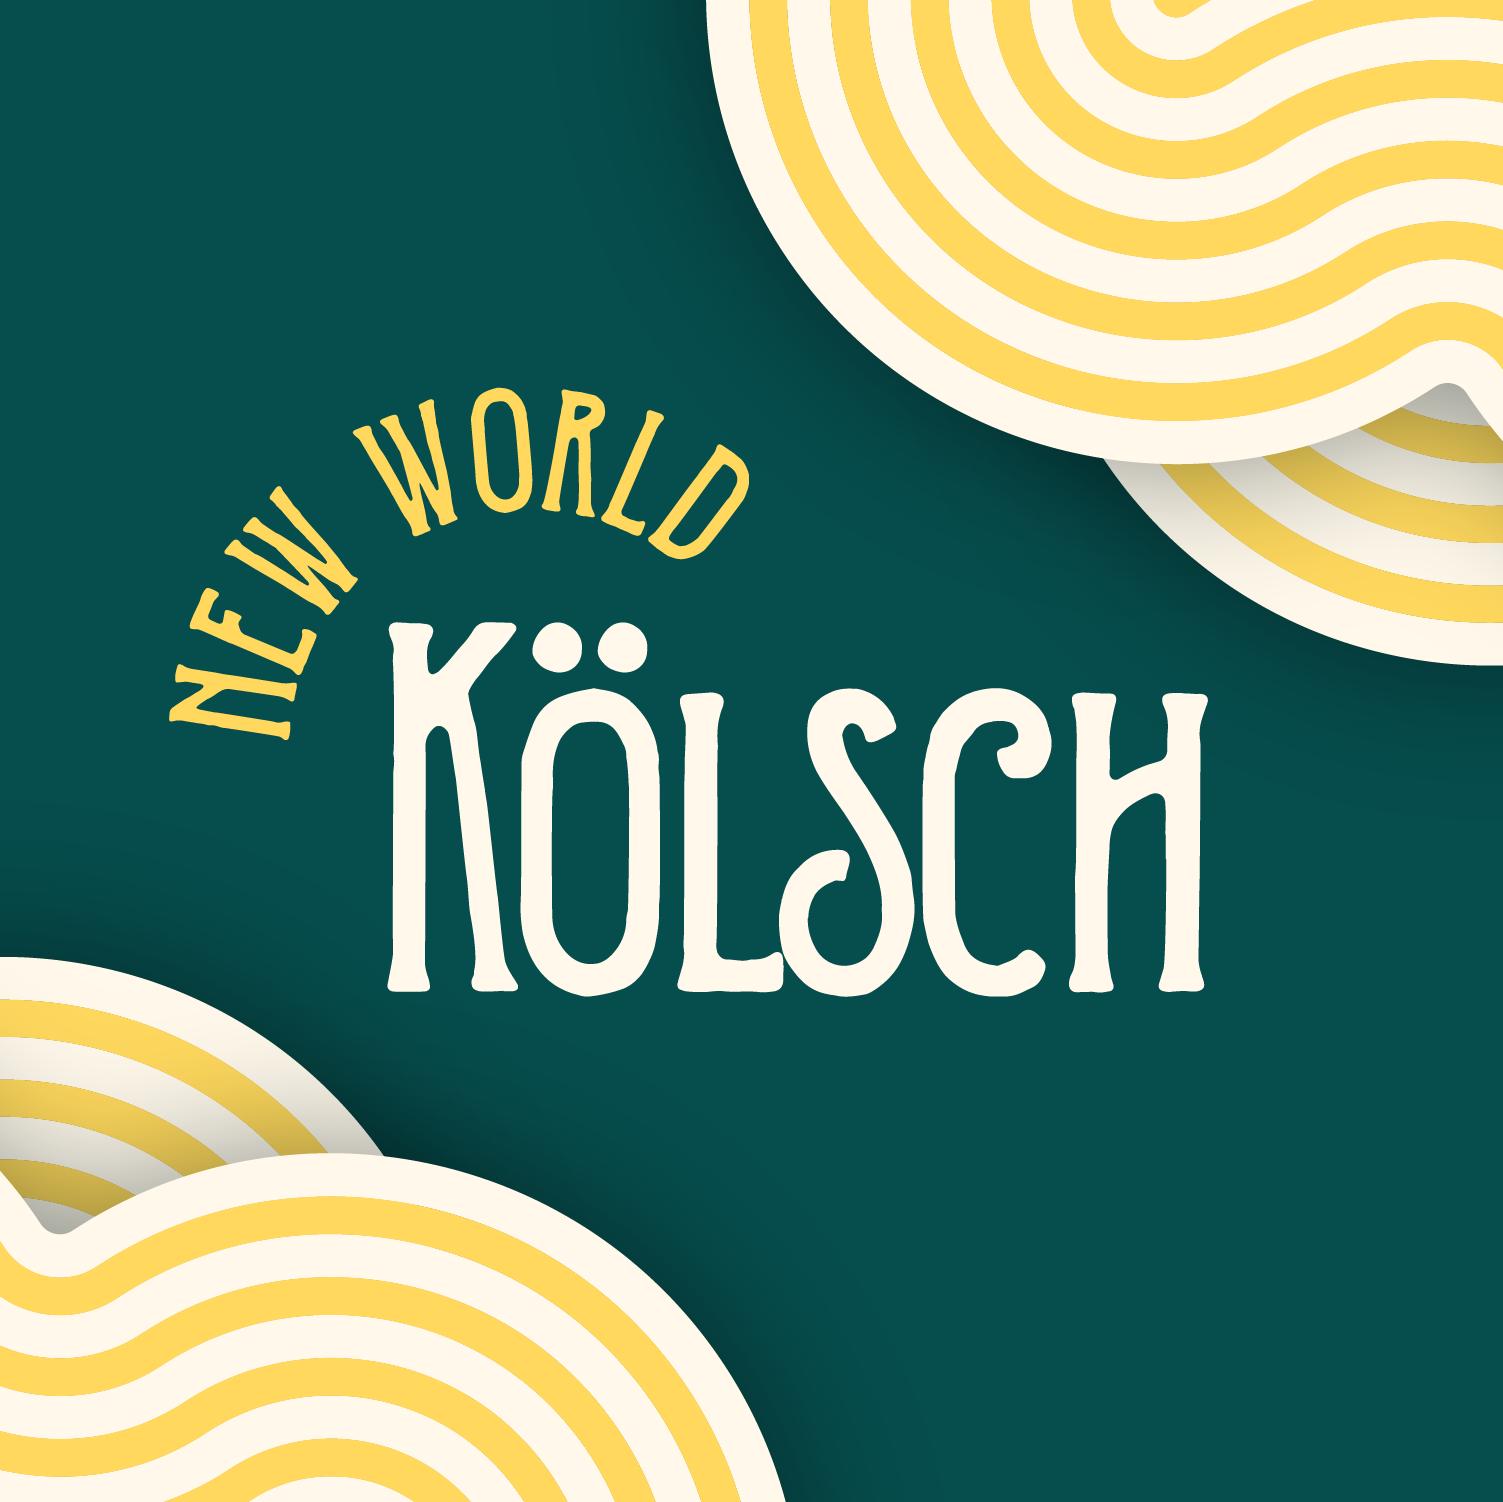 New World Kolsch